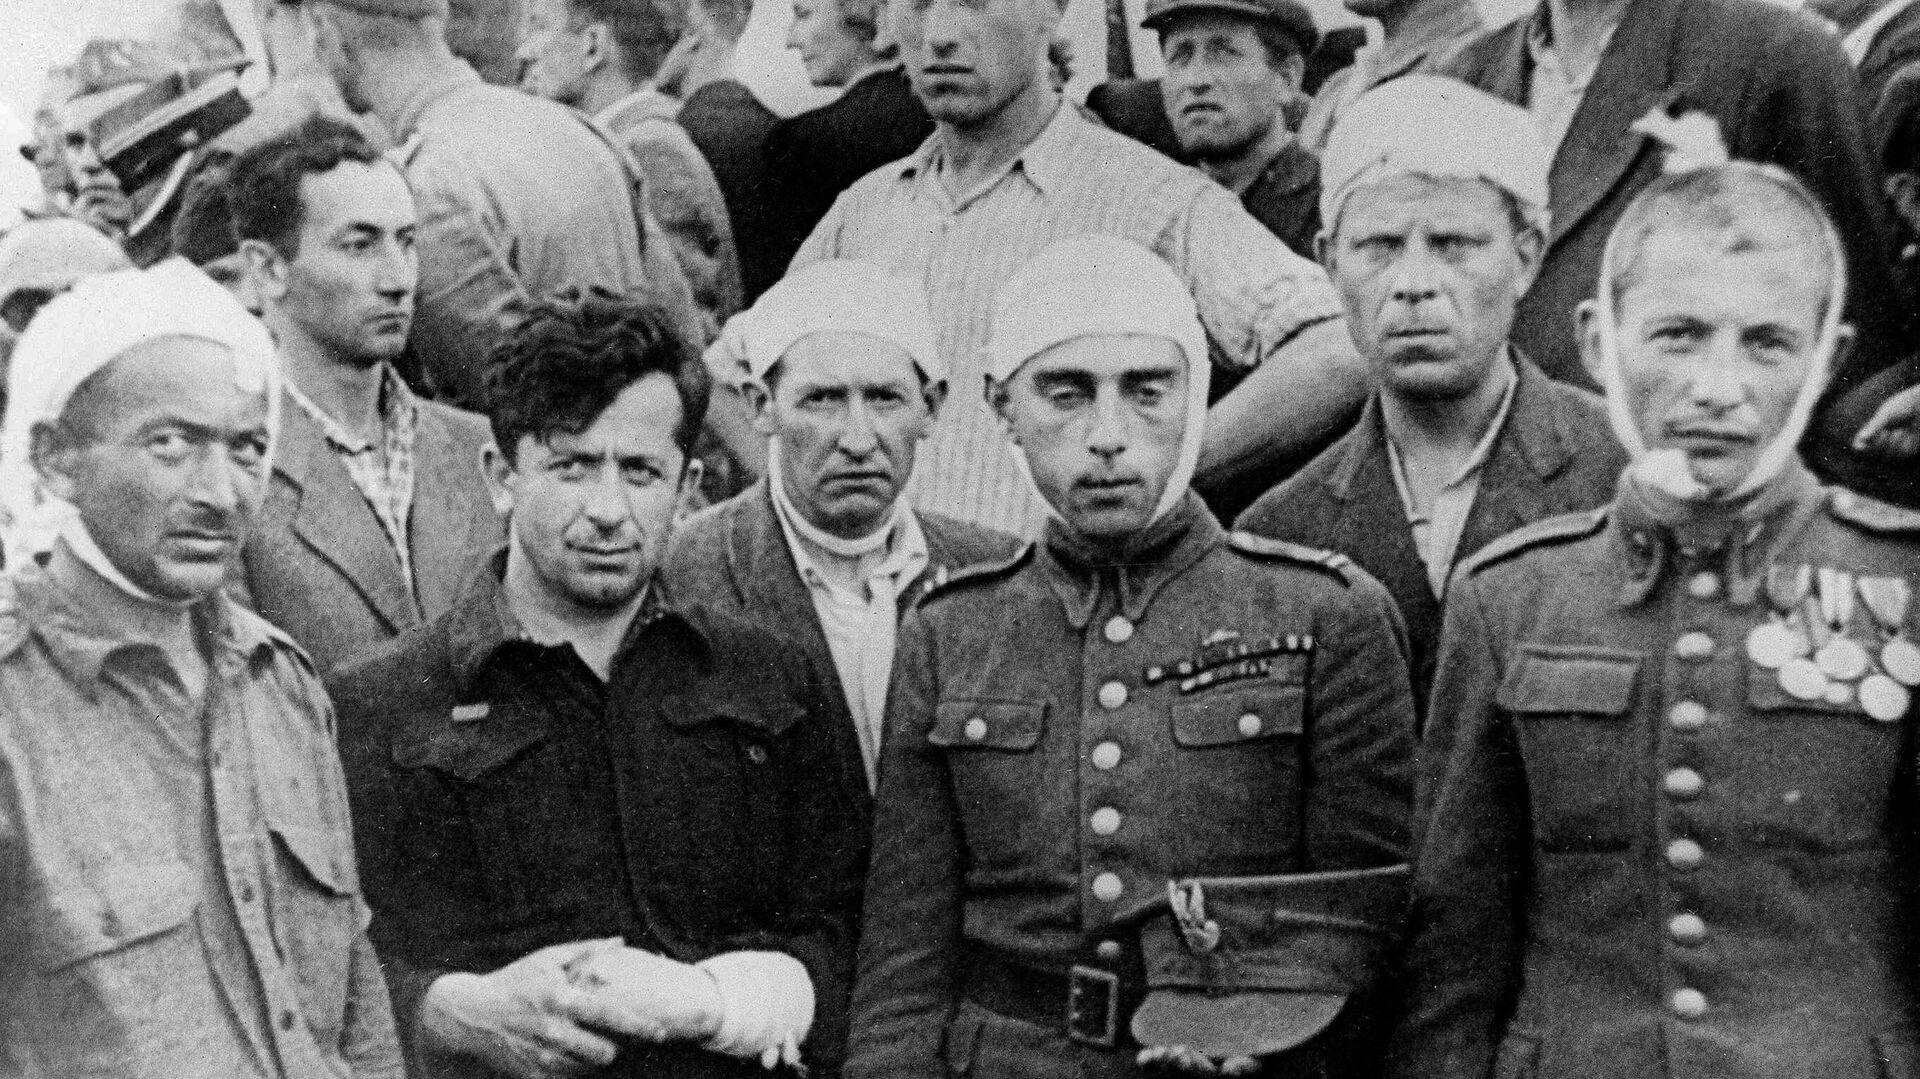 Евреи, раненые во время погрома в Кельце, во время похорон - РИА Новости, 1920, 30.06.2021